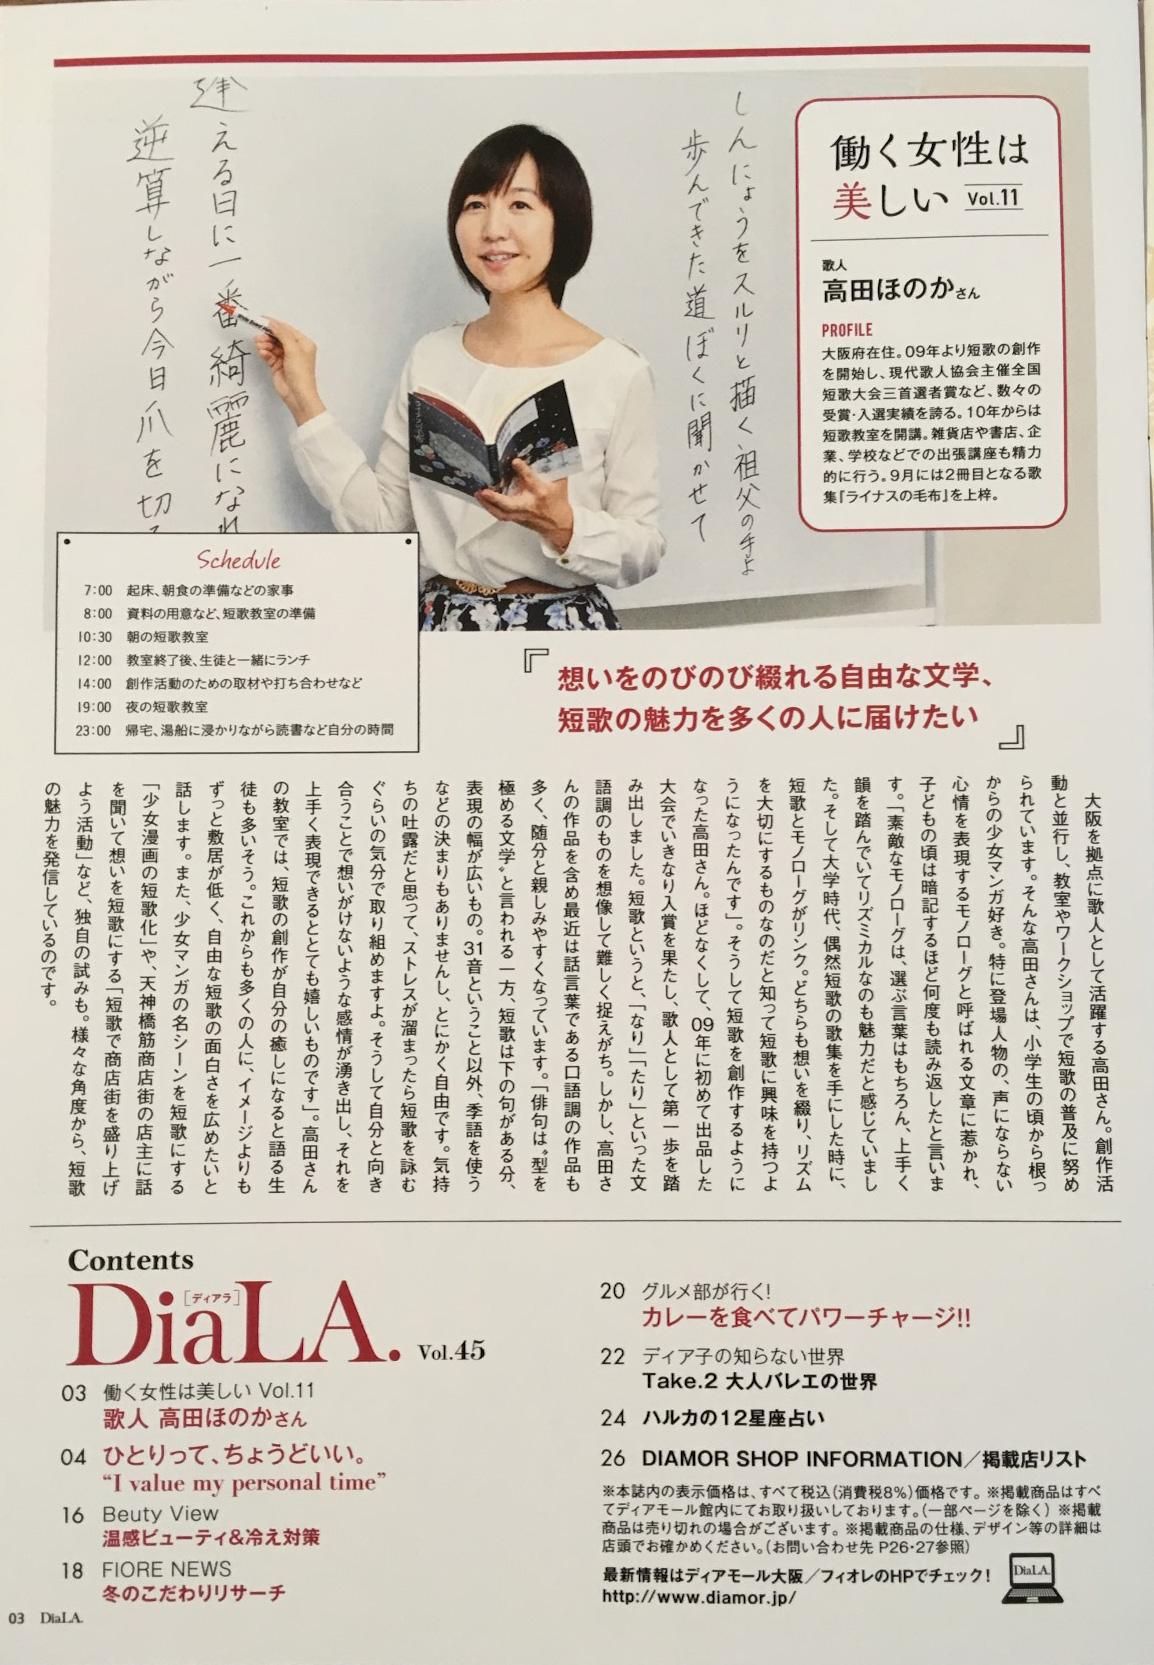 2017年11月 ディアモール梅田の私発掘マガジン「DiaLA.」の『働く女性は美しい』のコーナーに取り上げていただきました。